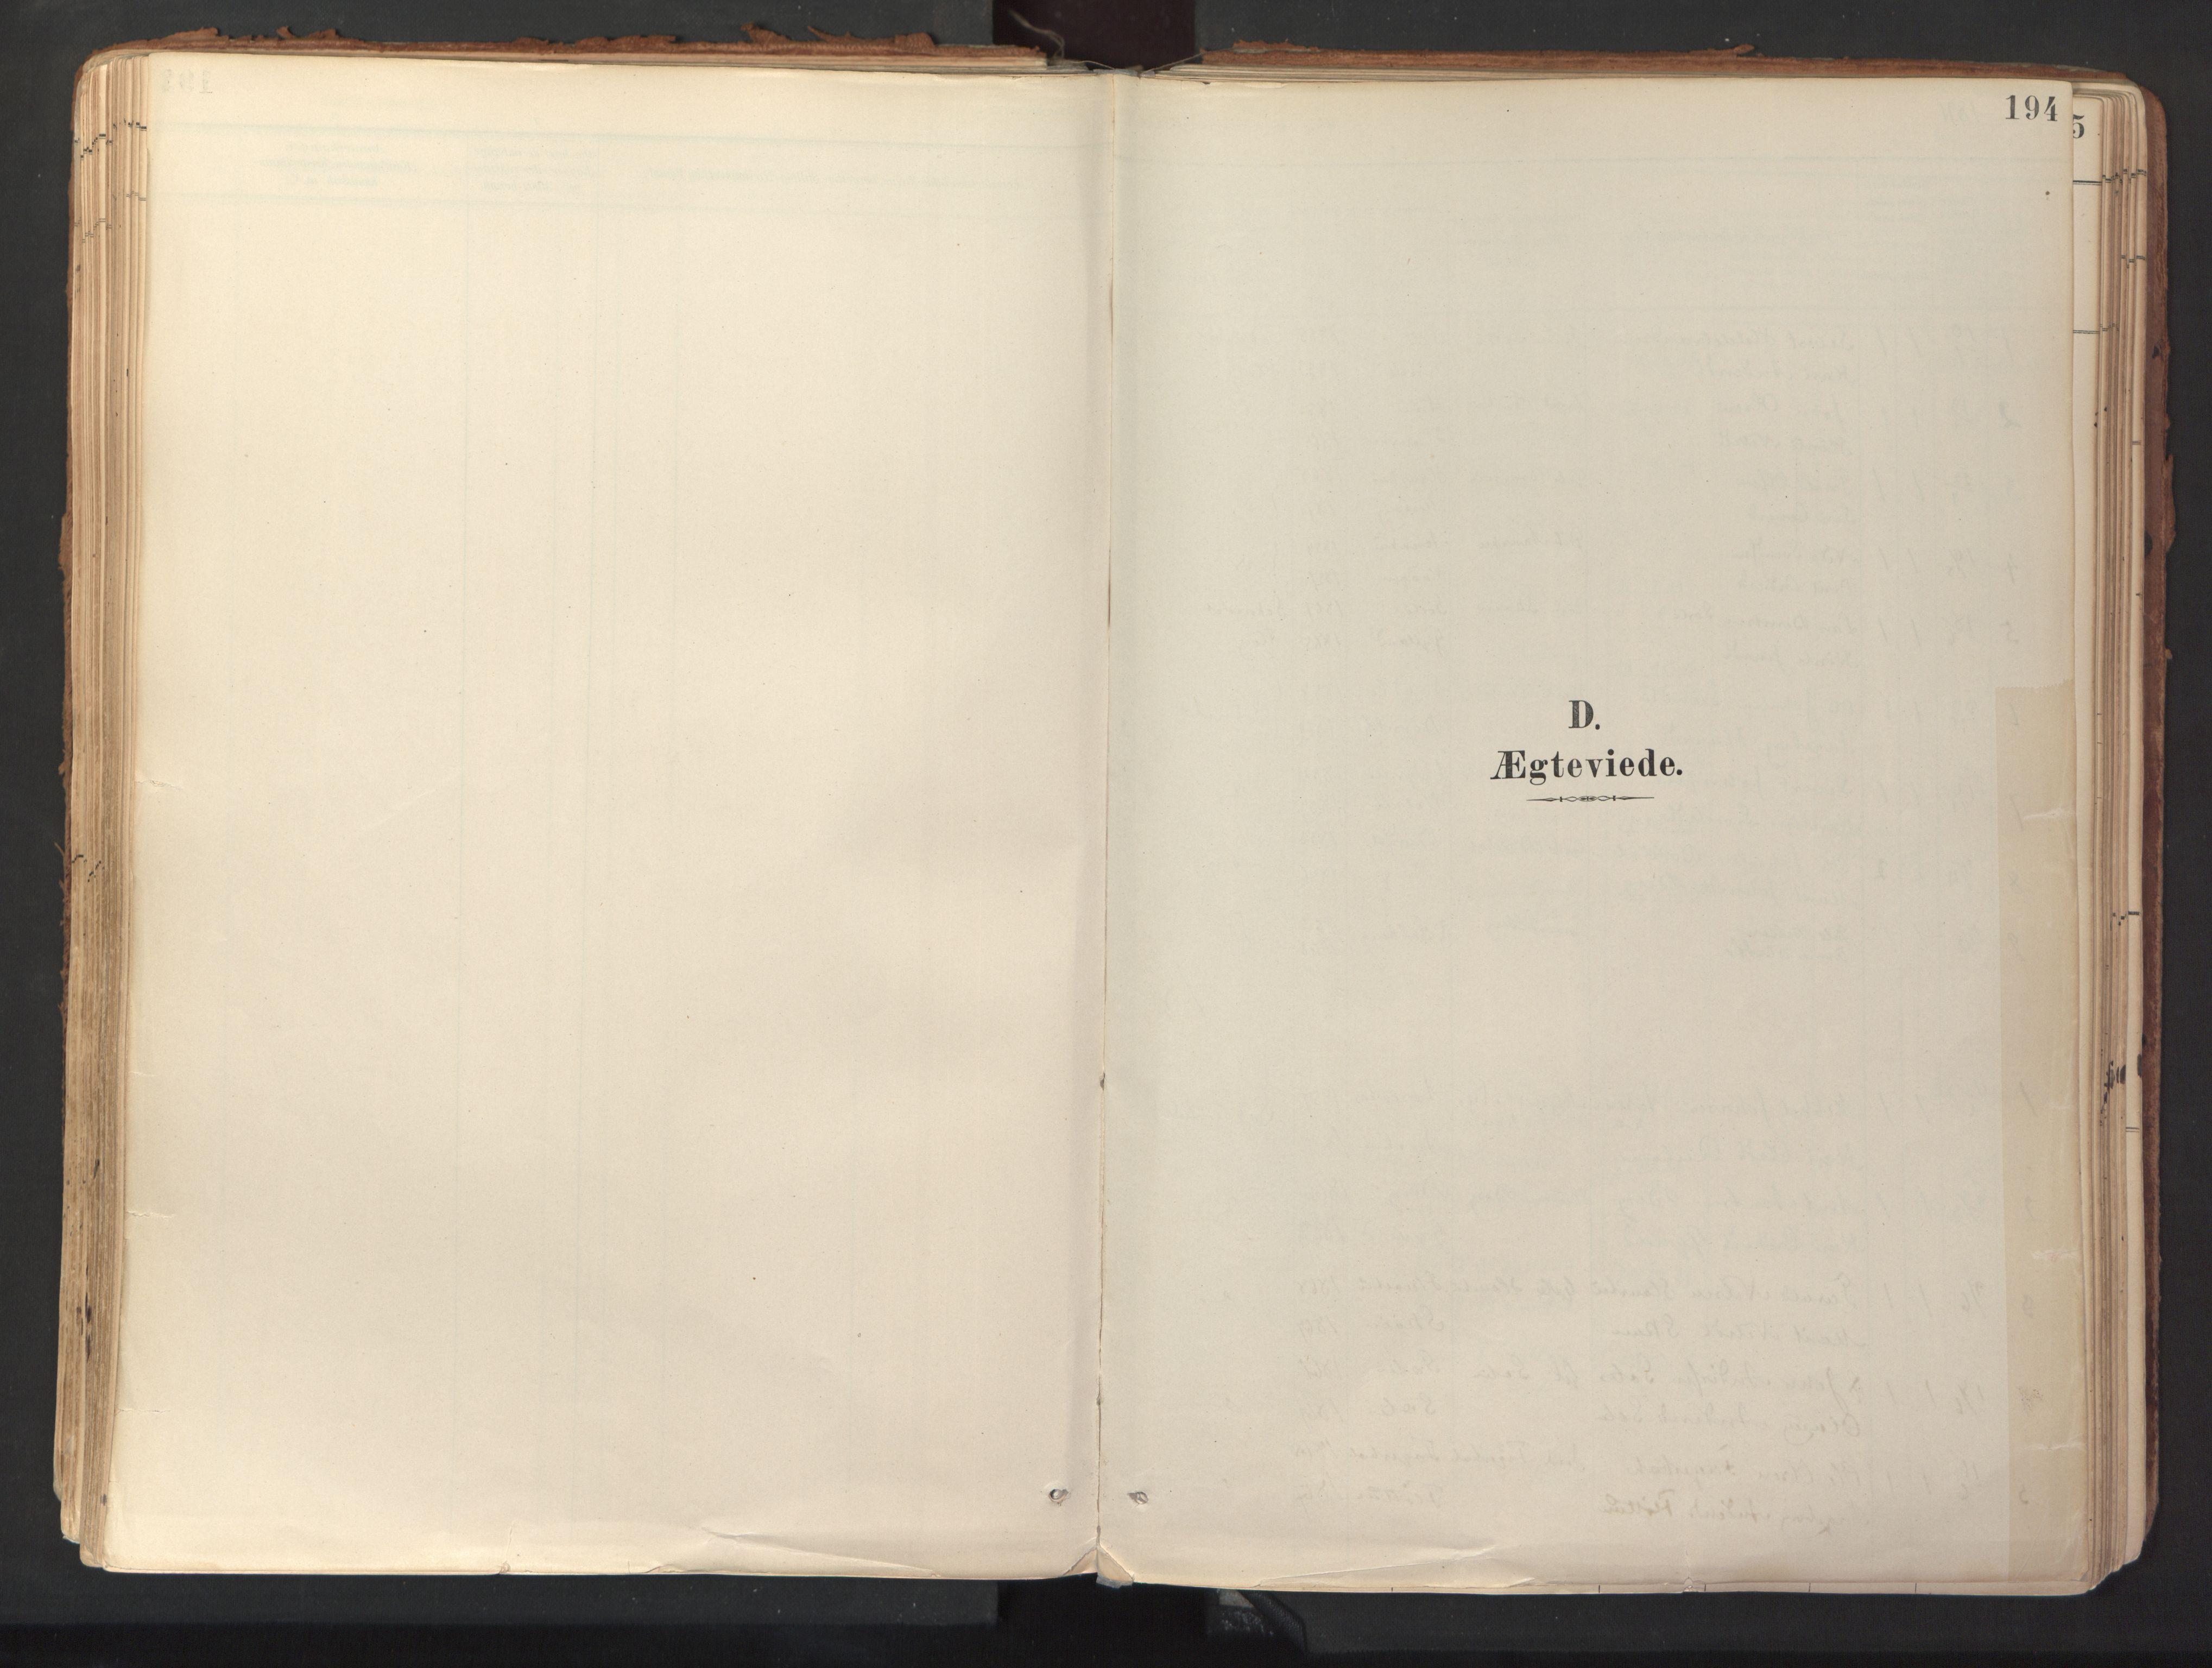 SAT, Ministerialprotokoller, klokkerbøker og fødselsregistre - Sør-Trøndelag, 689/L1041: Ministerialbok nr. 689A06, 1891-1923, s. 194